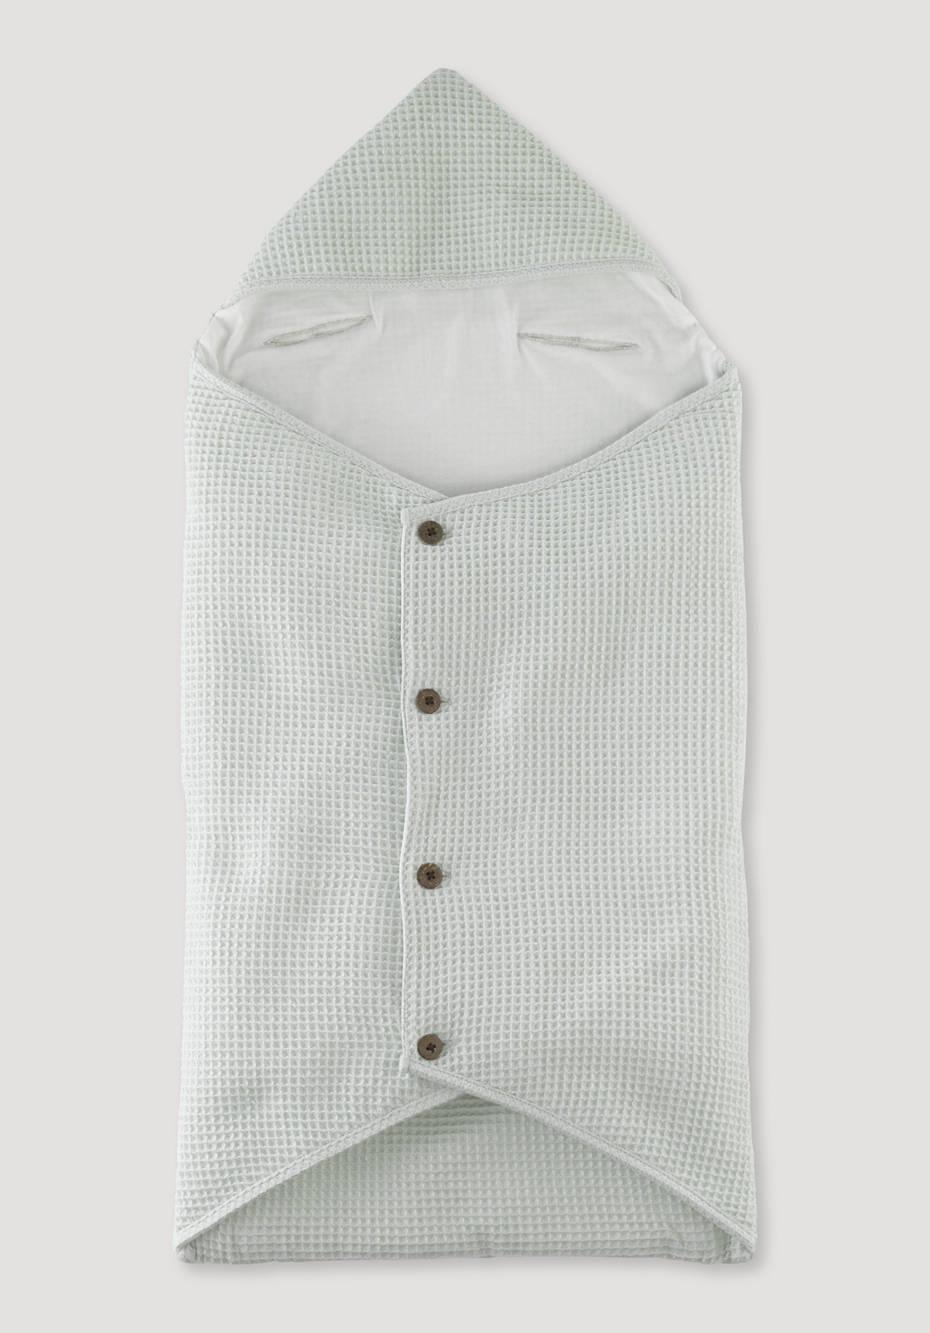 Packsack für unterwegs aus reiner Bio-Baumwolle